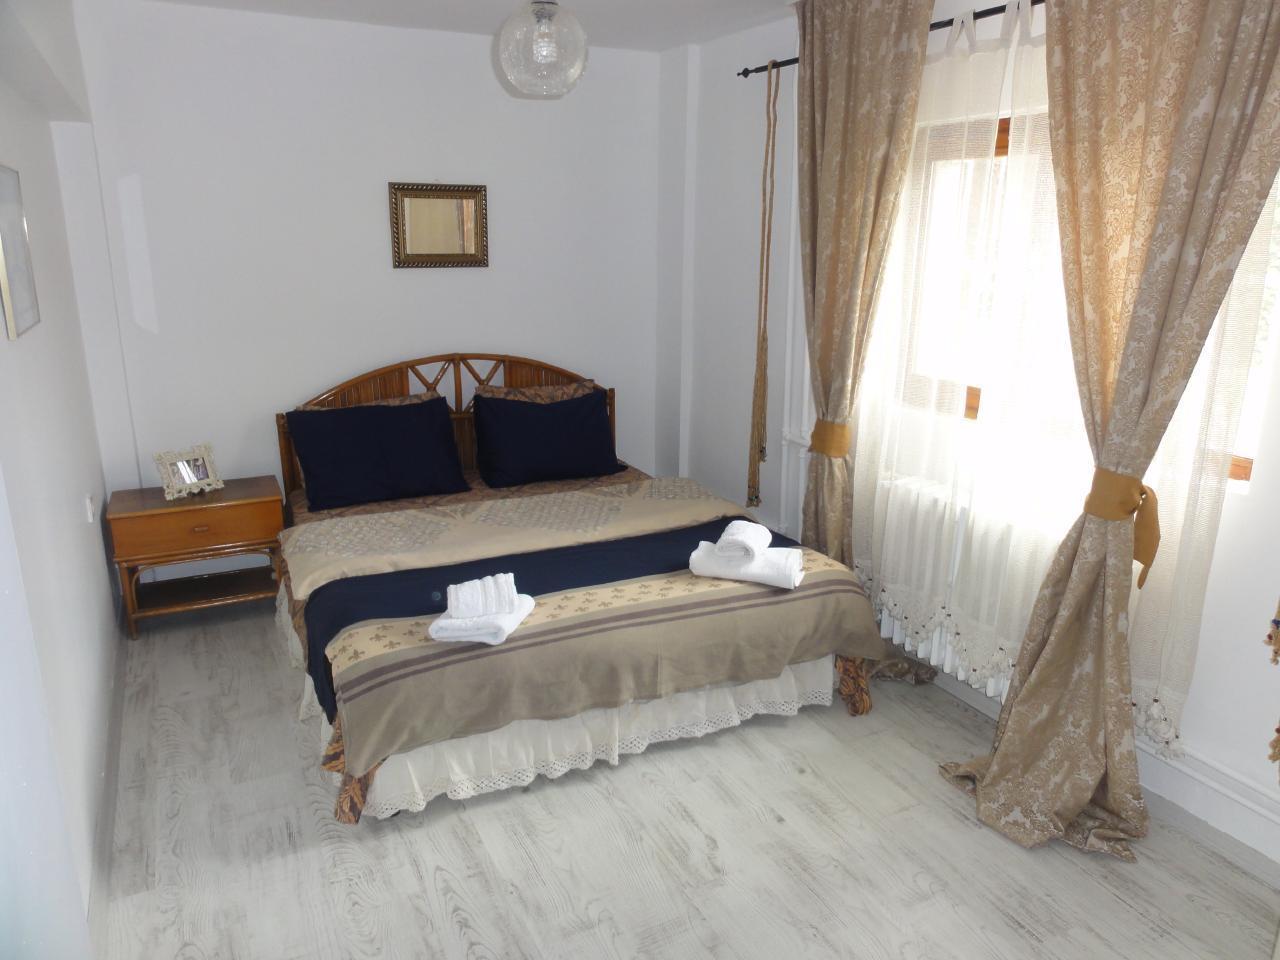 Ferienwohnung Evodak Apartment D 2 (1710501), Balgat, , Zentralanatolien, Türkei, Bild 20